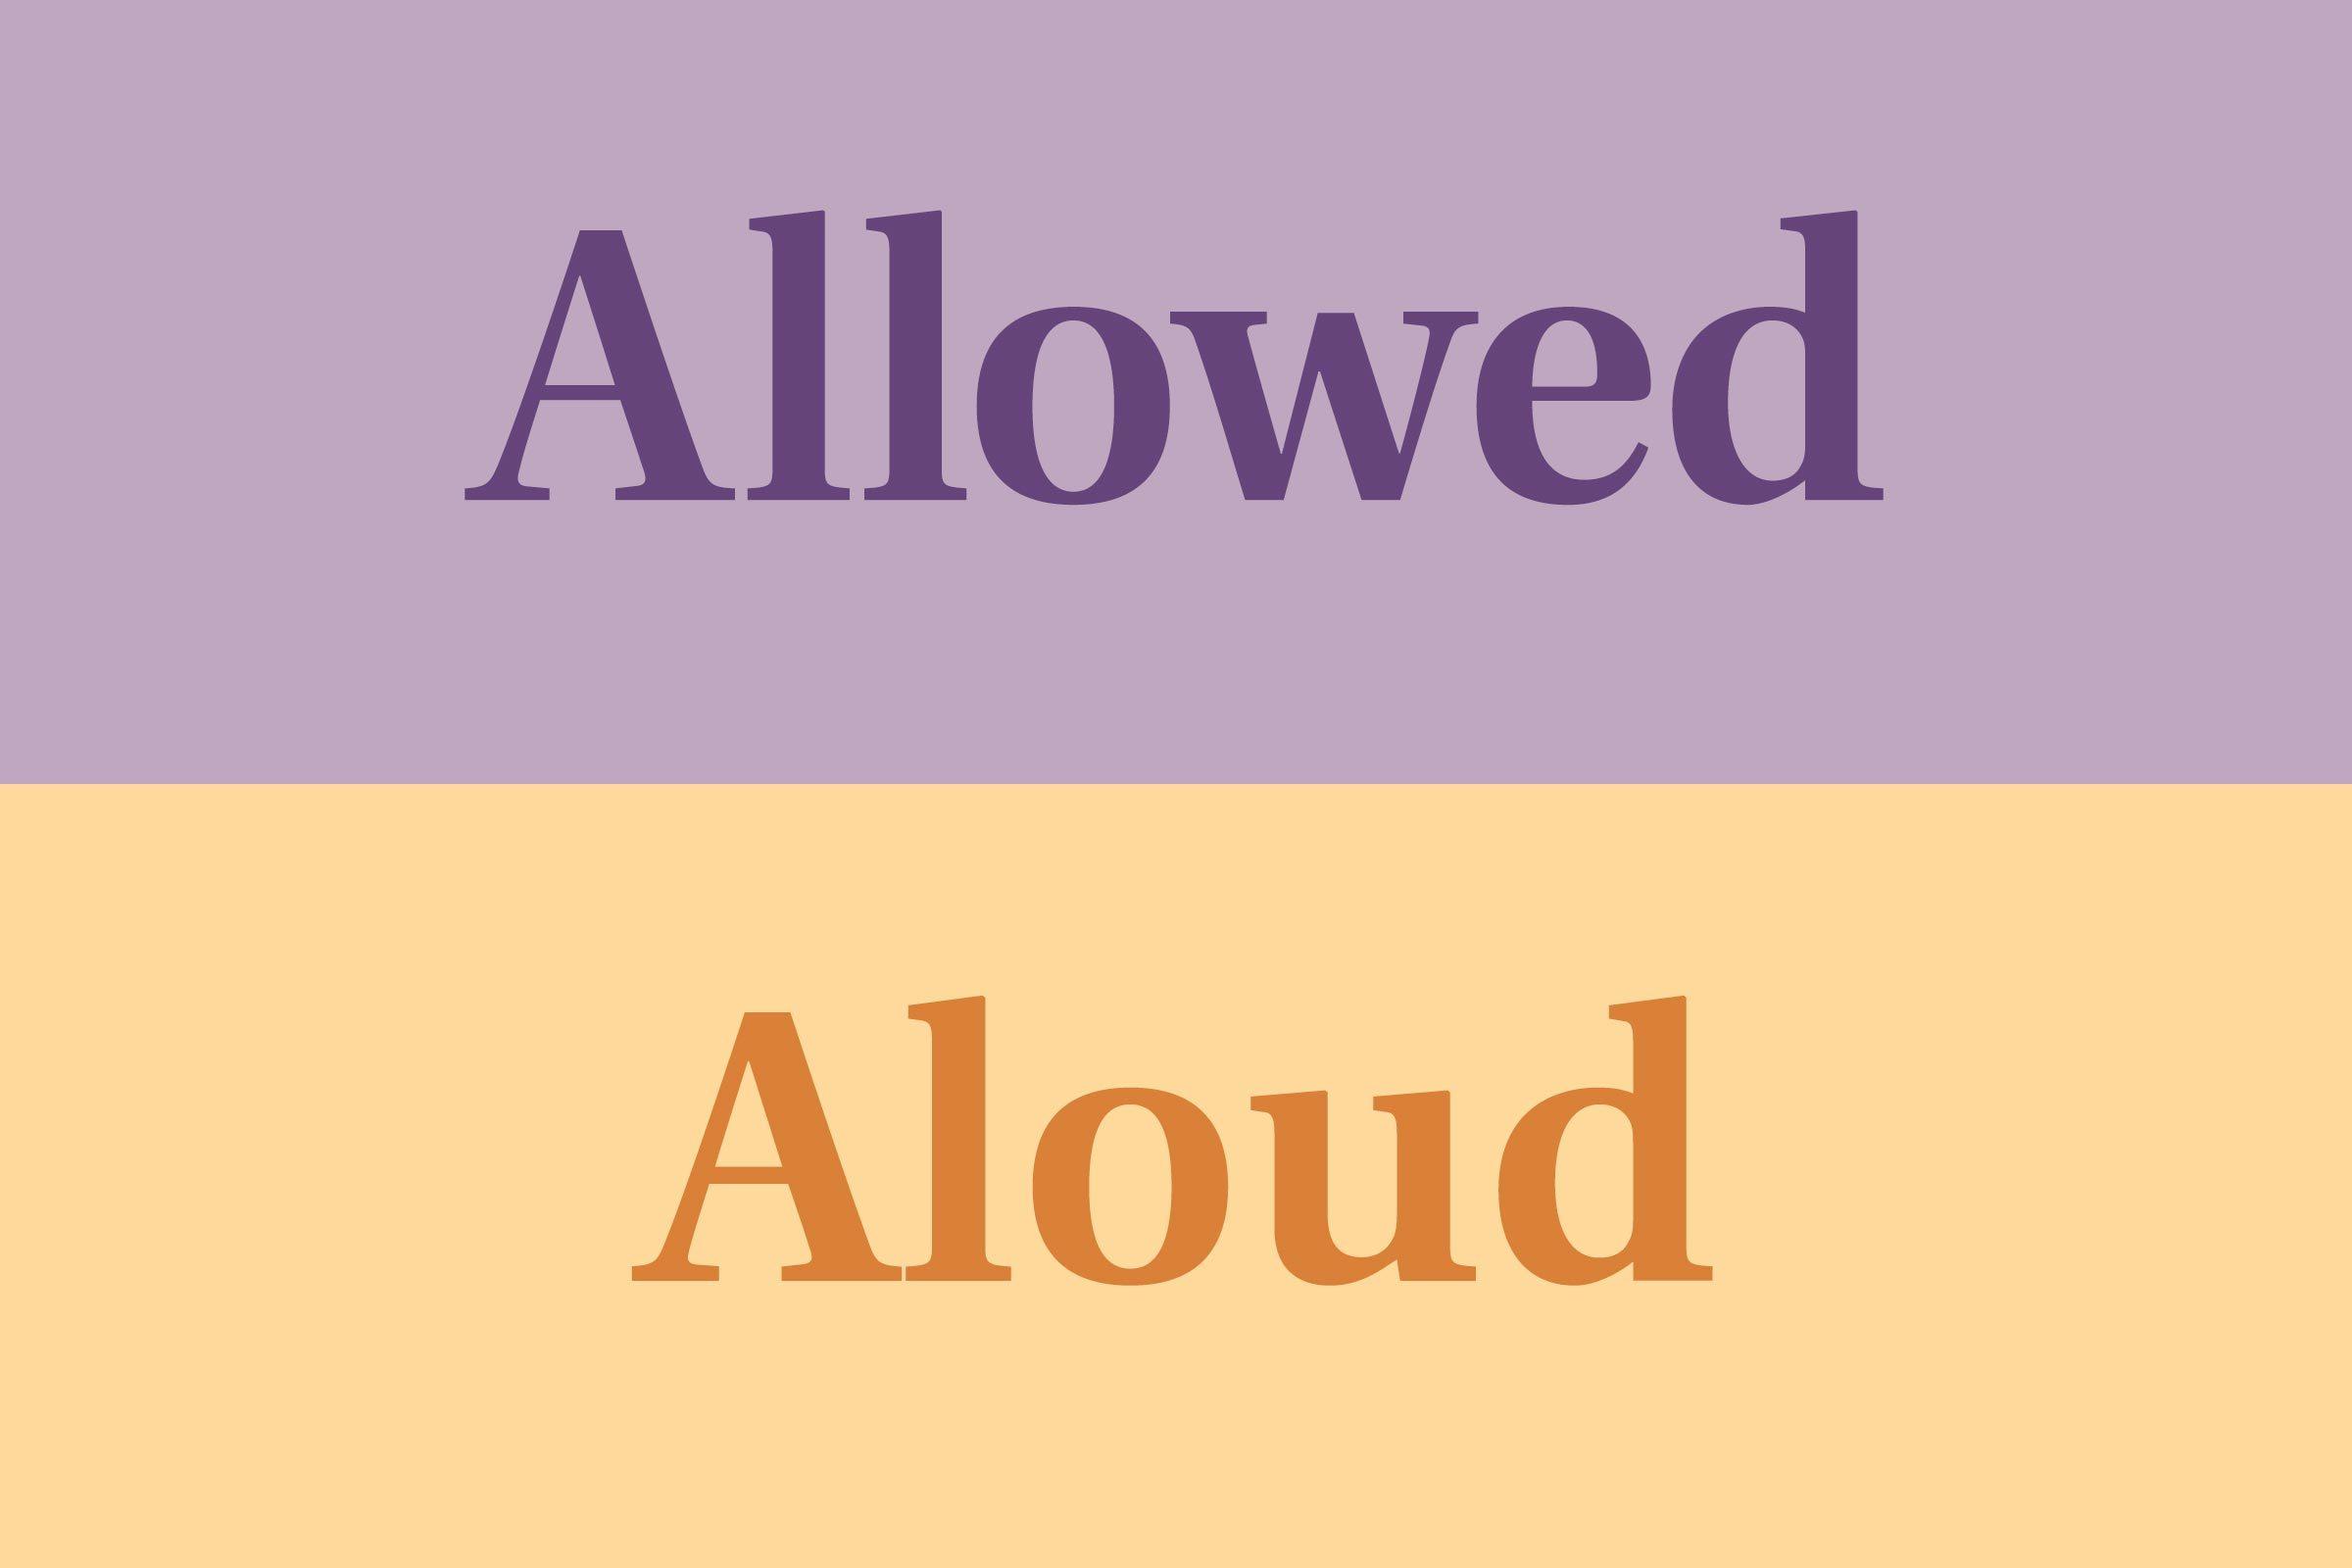 Allowed vs. aloud